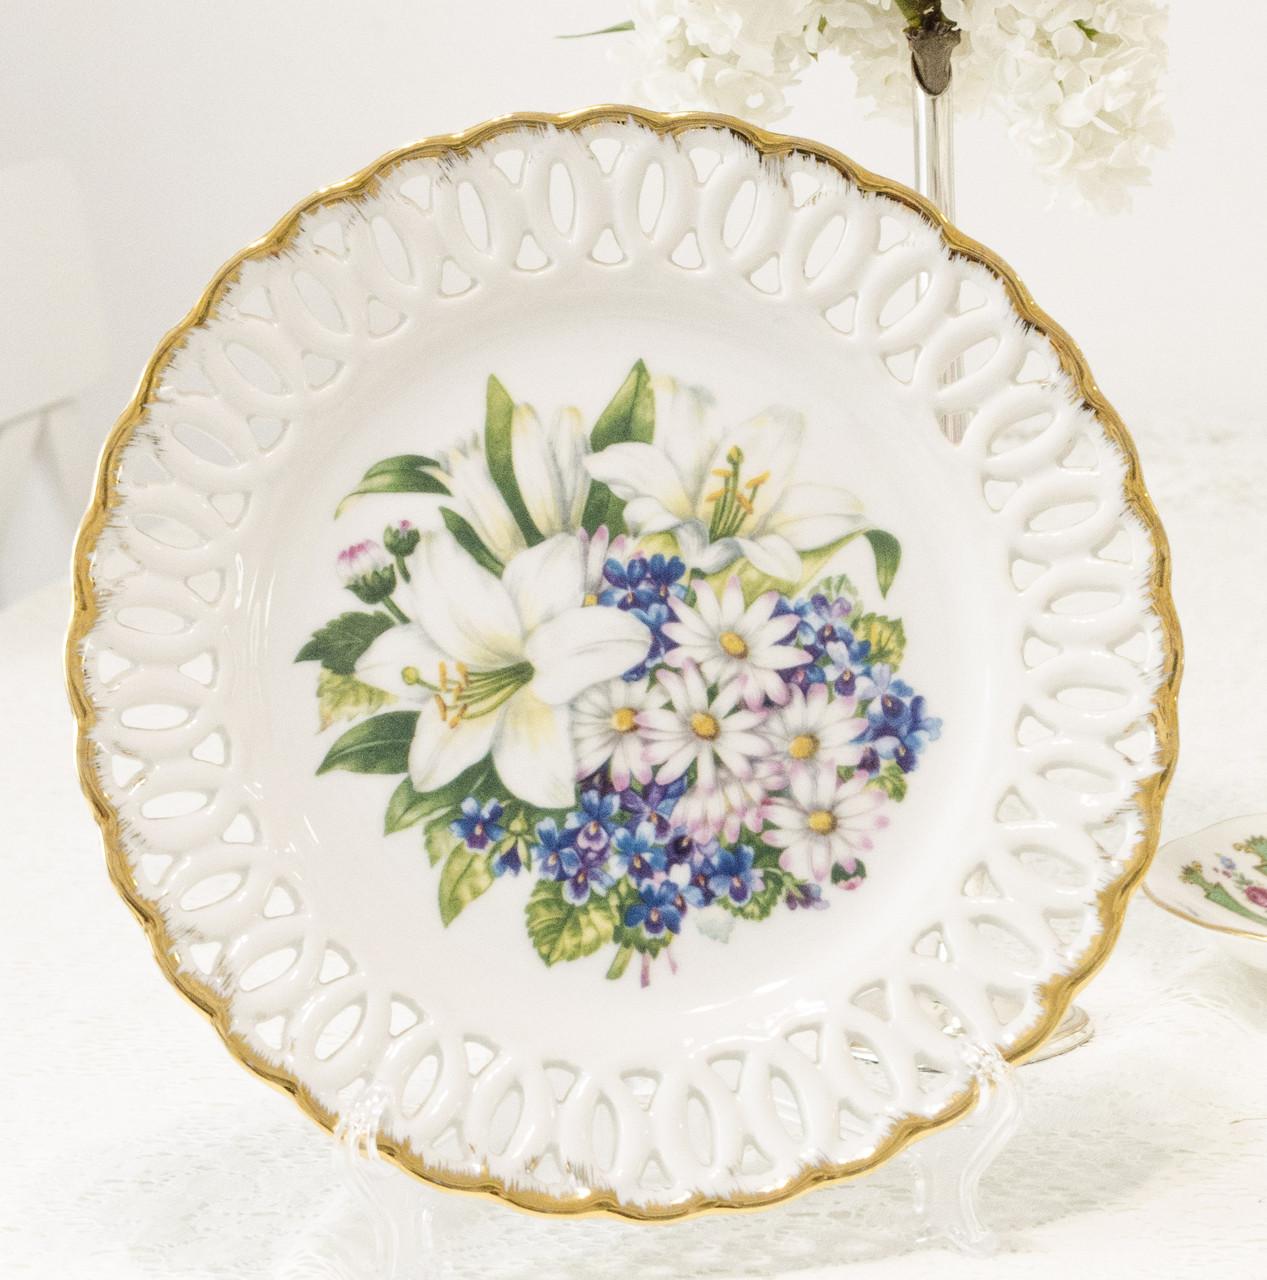 Настенная фарфоровая тарелка с цветами, фарфор, Minerva Collection, 1992 год, Англия